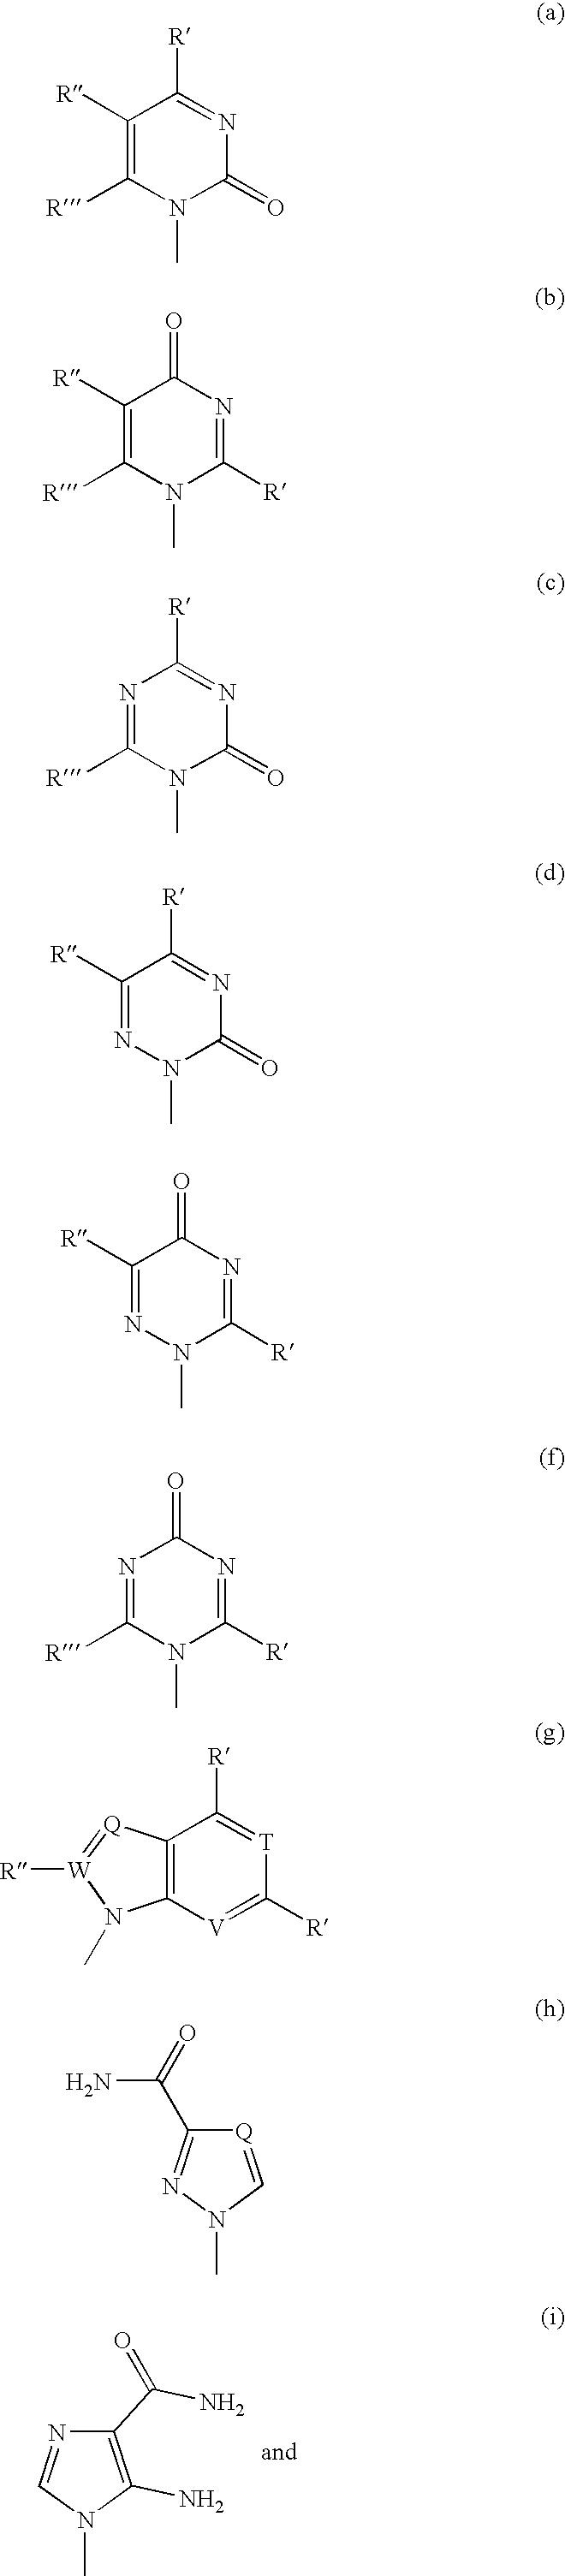 Figure US07608600-20091027-C00043